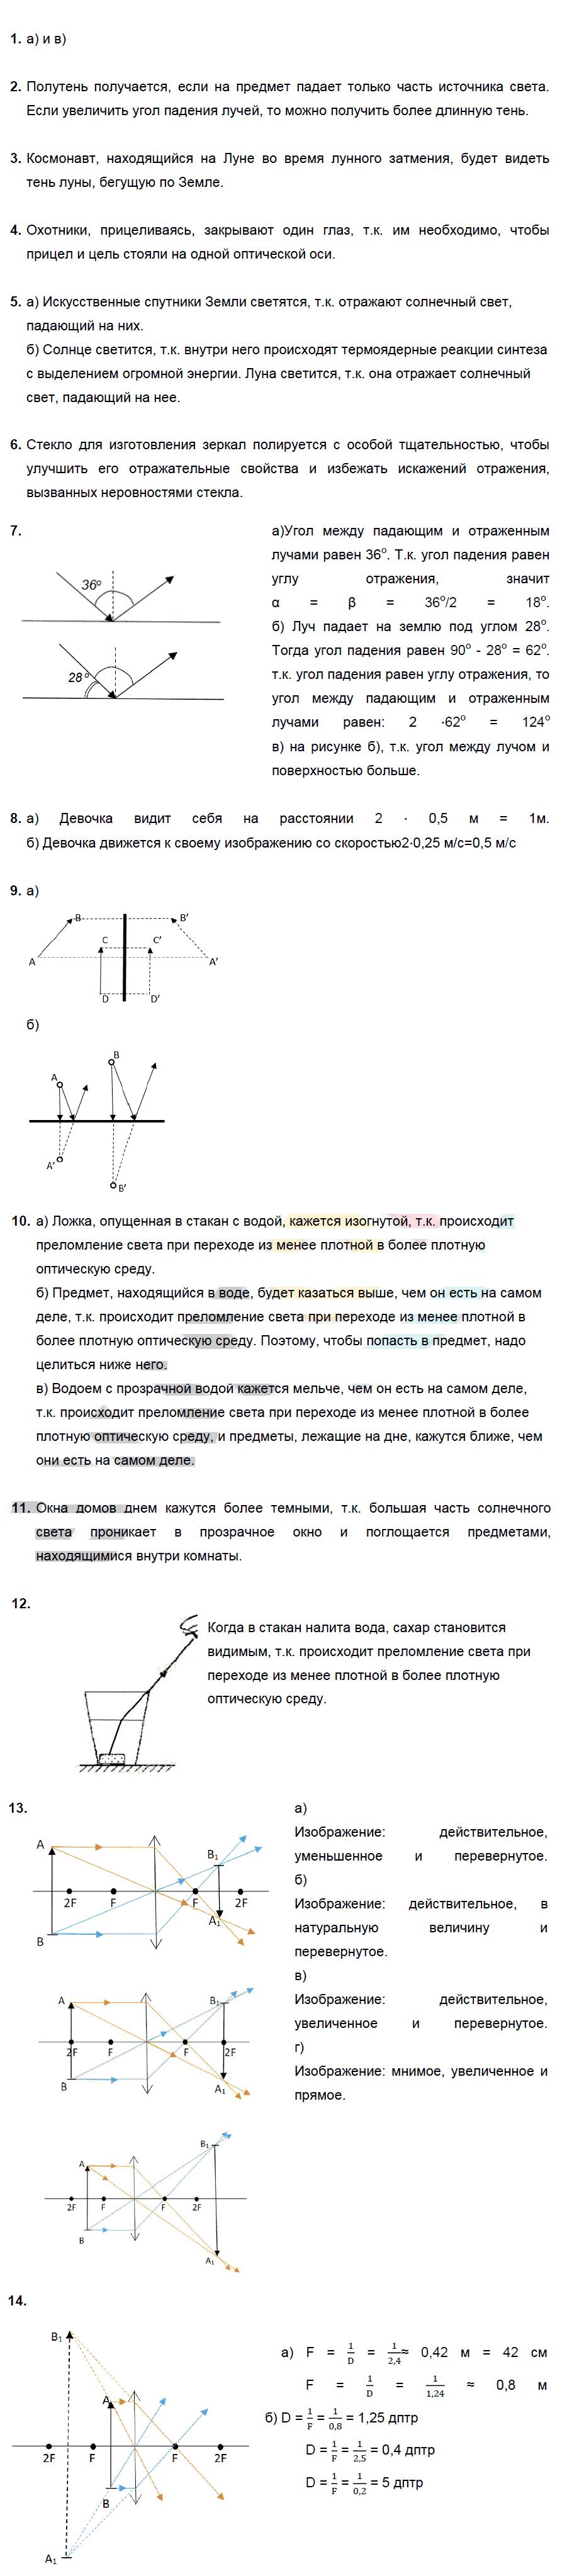 ТЗ-14. Оптические явления